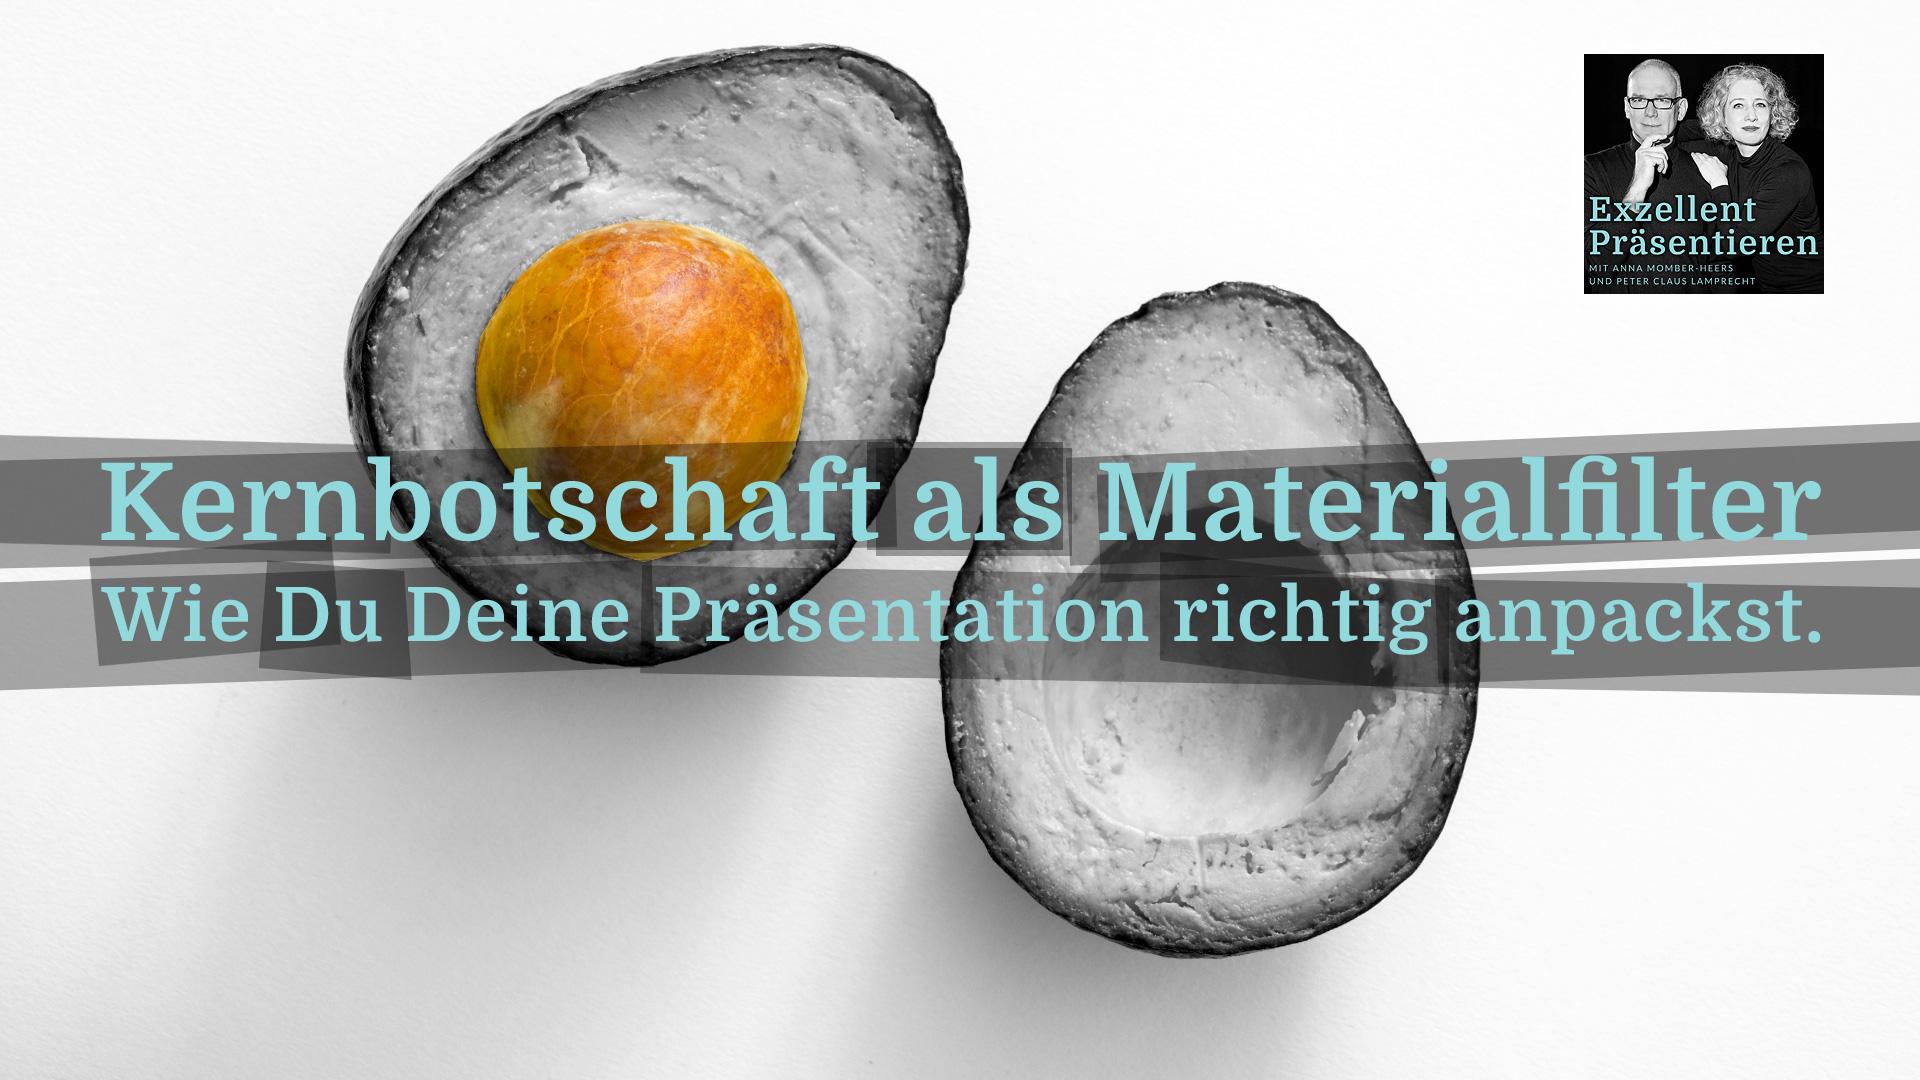 Kernbotschaft als Materialfilter - Wie Du Deine Präsentation richtig anpackst.